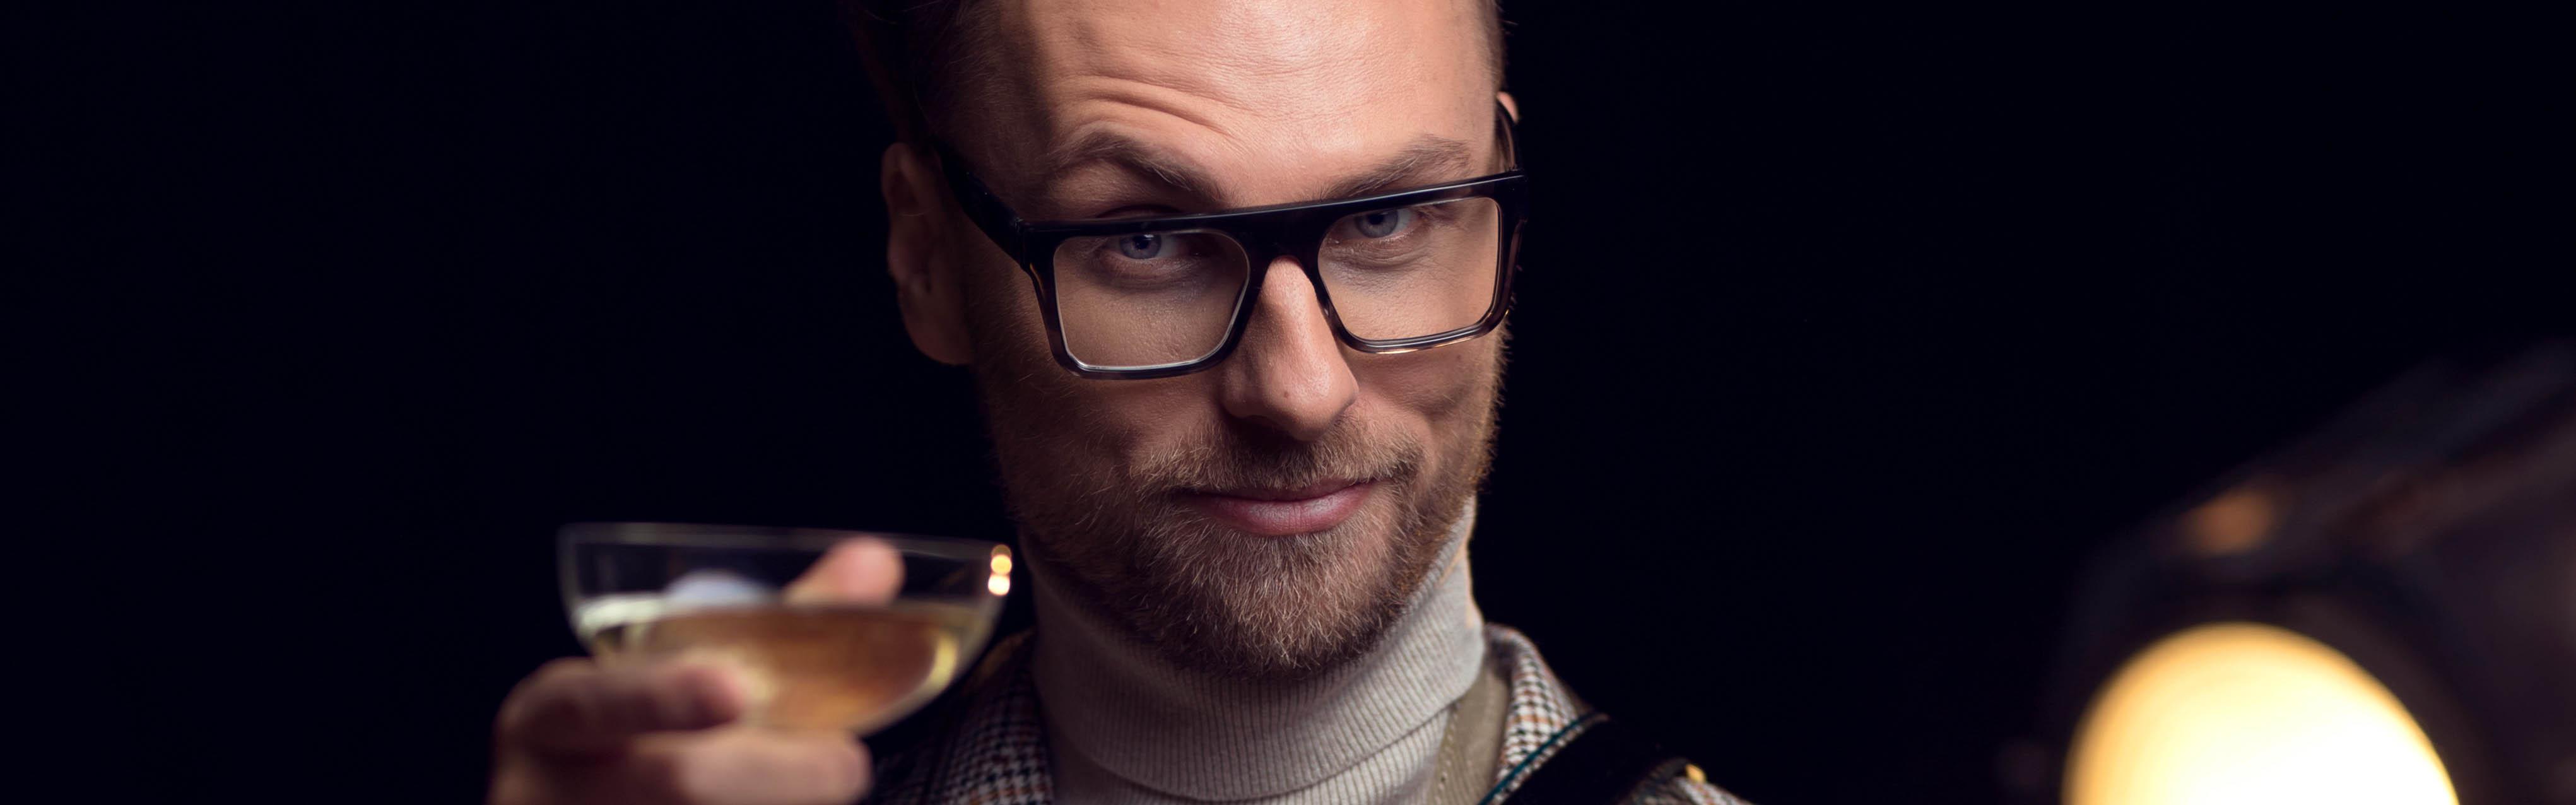 LUC fot Tomasz Sagan